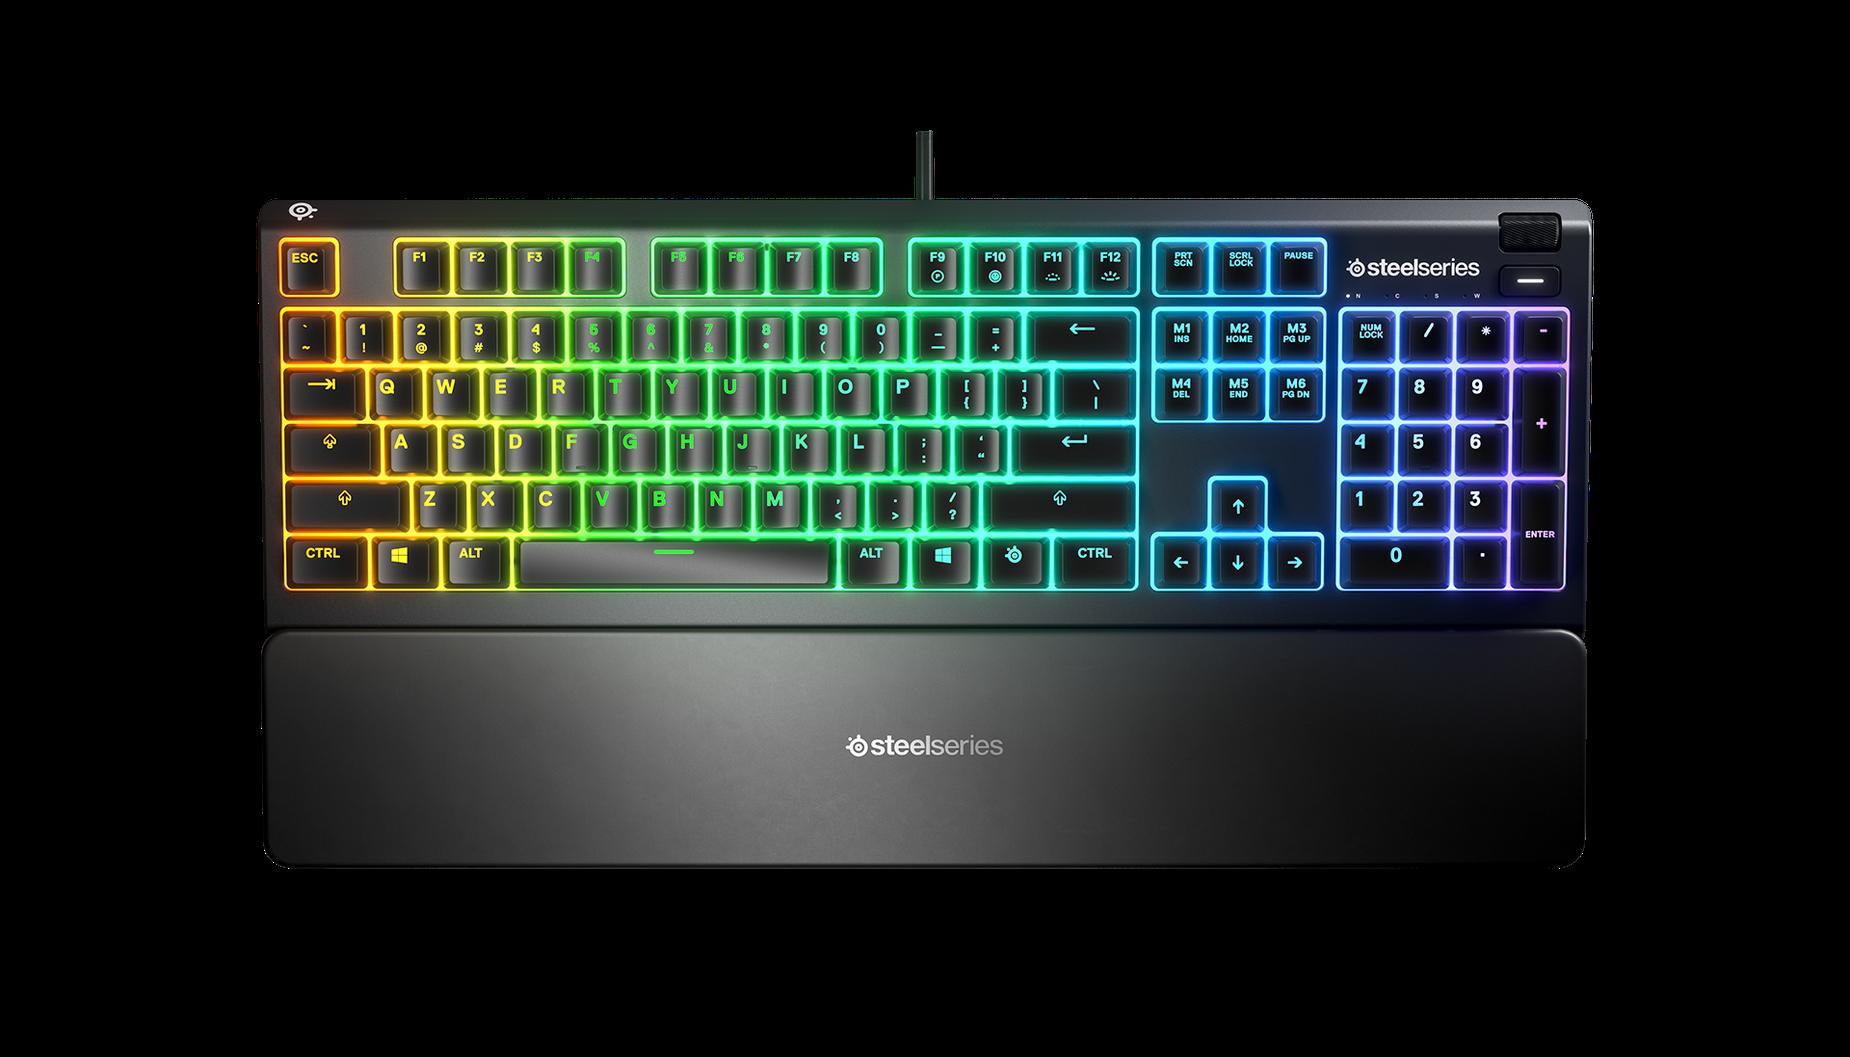 Apex 3 RGB keyboard floating in space